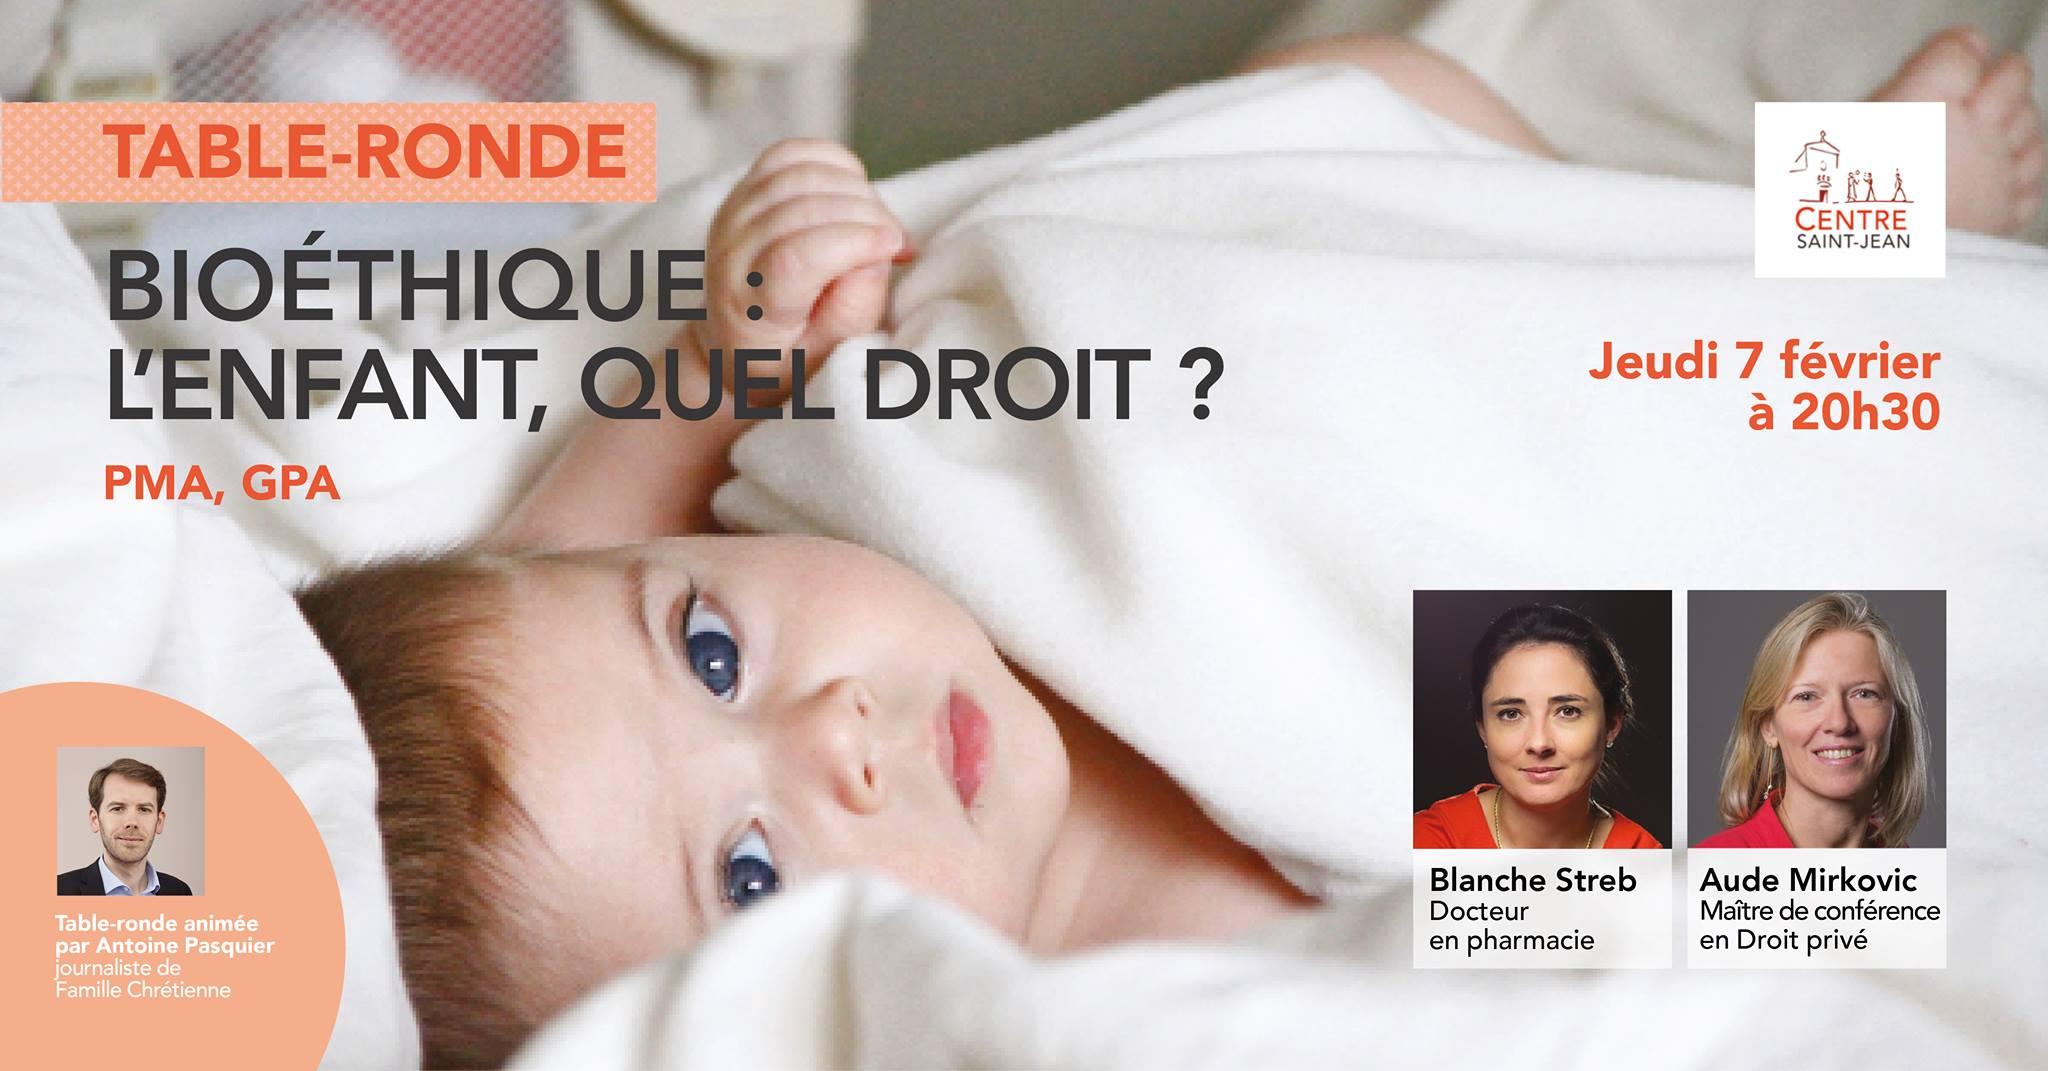 Table-ronde Bioéthique: L'enfant, quel droit? Le 7 février 2019 à Boulogne-Billancourt (92)